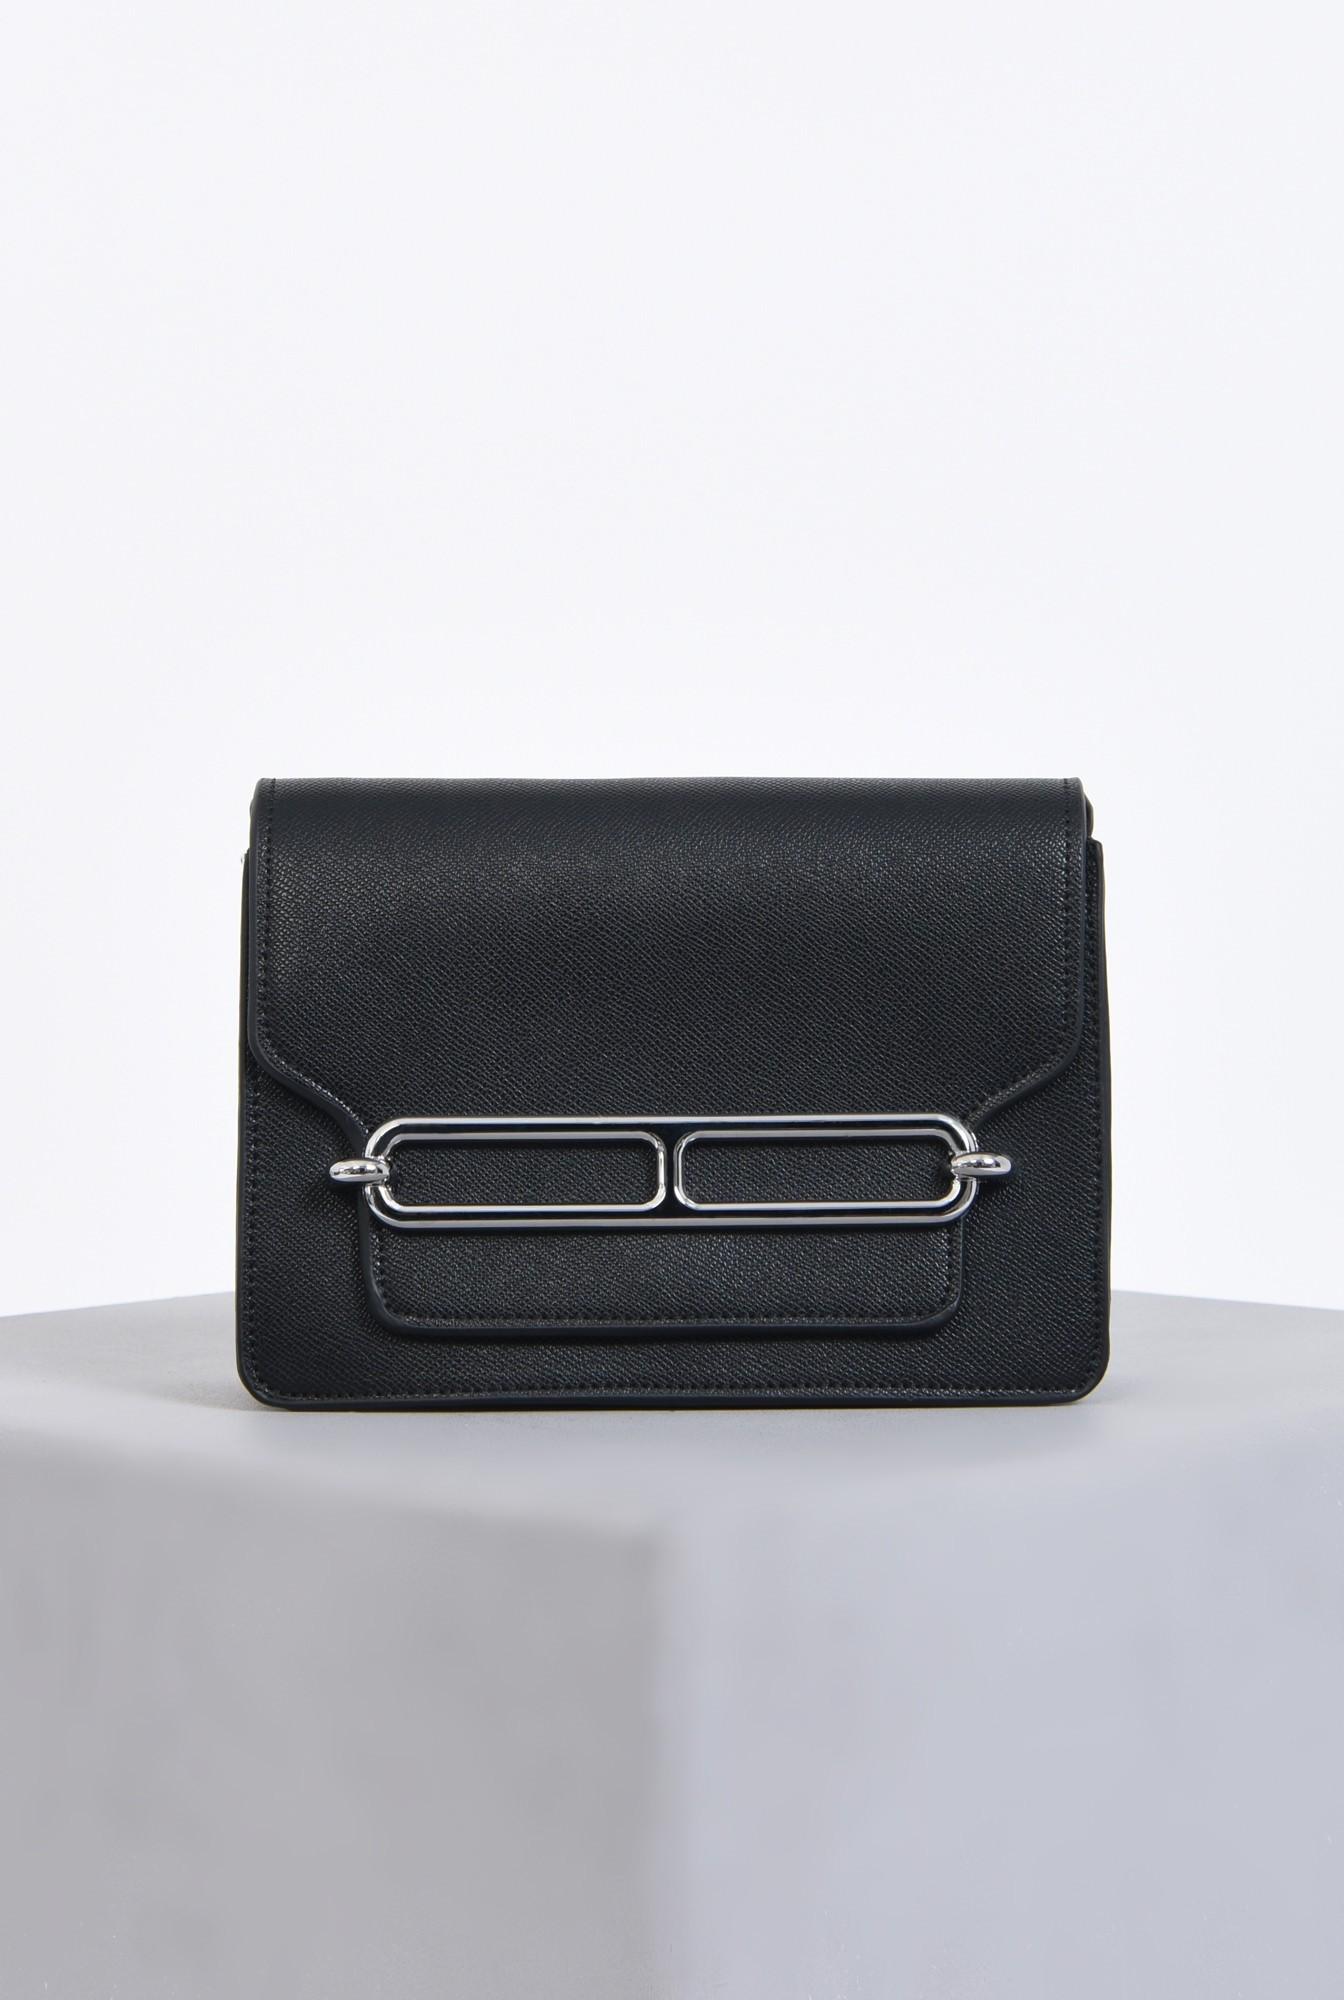 0 - geanta casual, negru, bareta detasabila